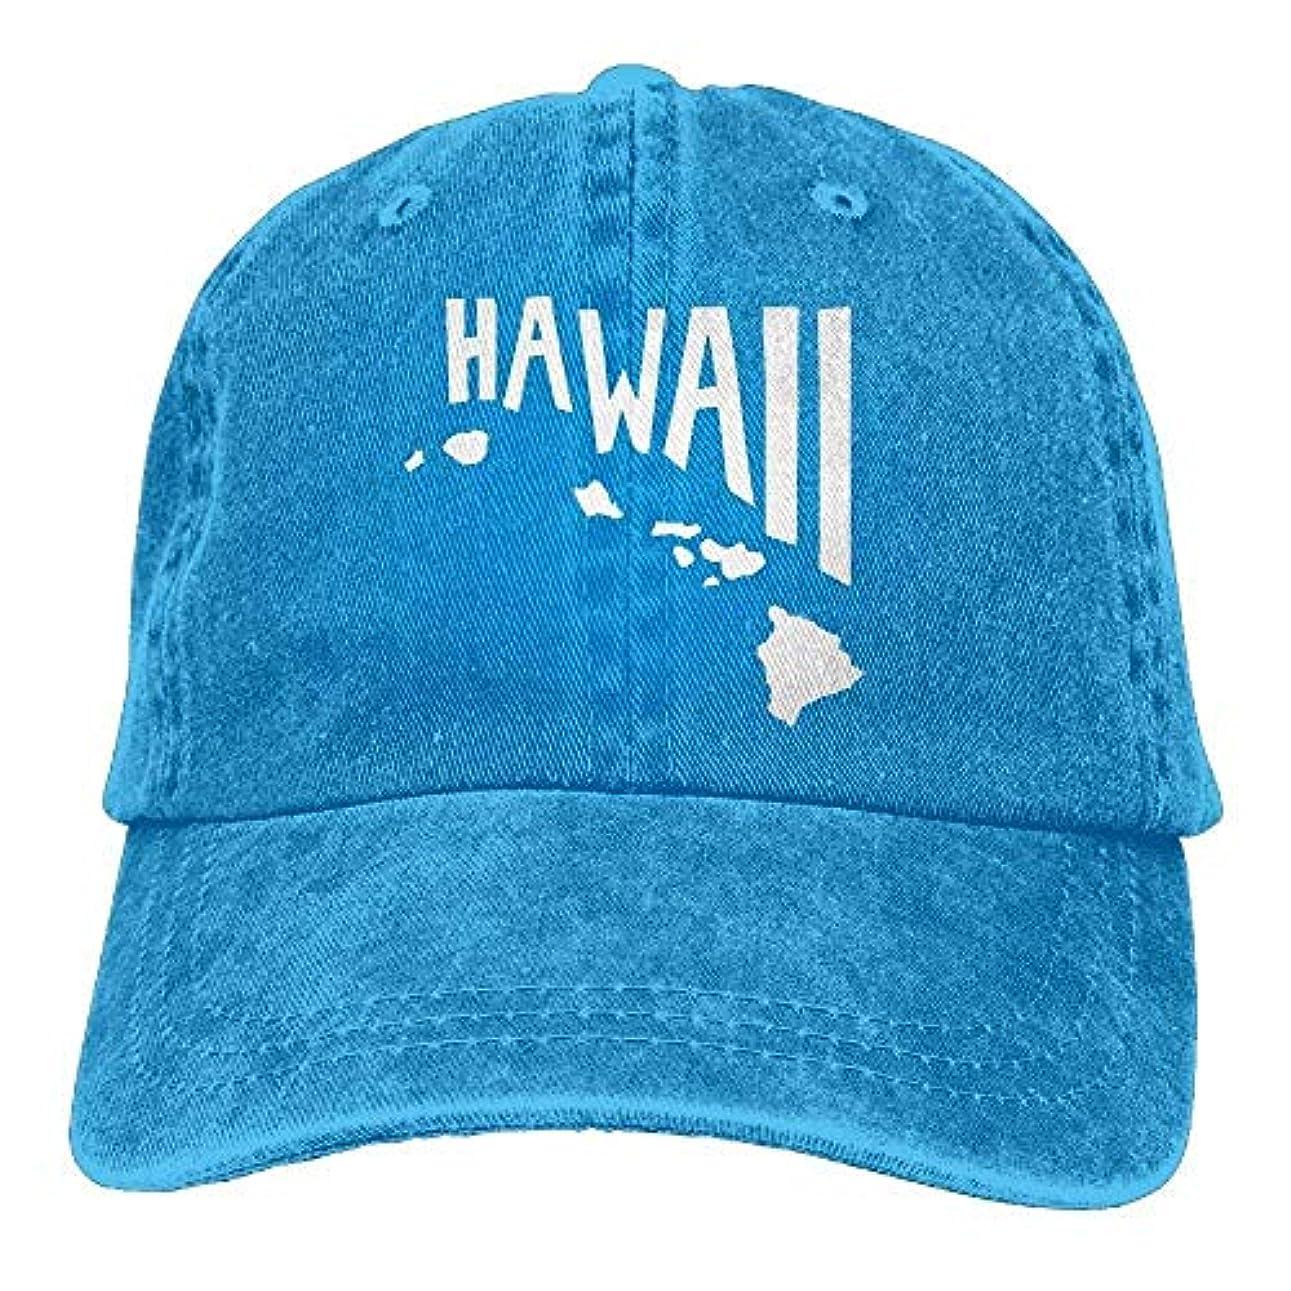 大胆不敵偏心キャベツUMarsDeal メンズ レディース ハワイ諸島1 ヴィンテージジーンズ ベースボールキャップ